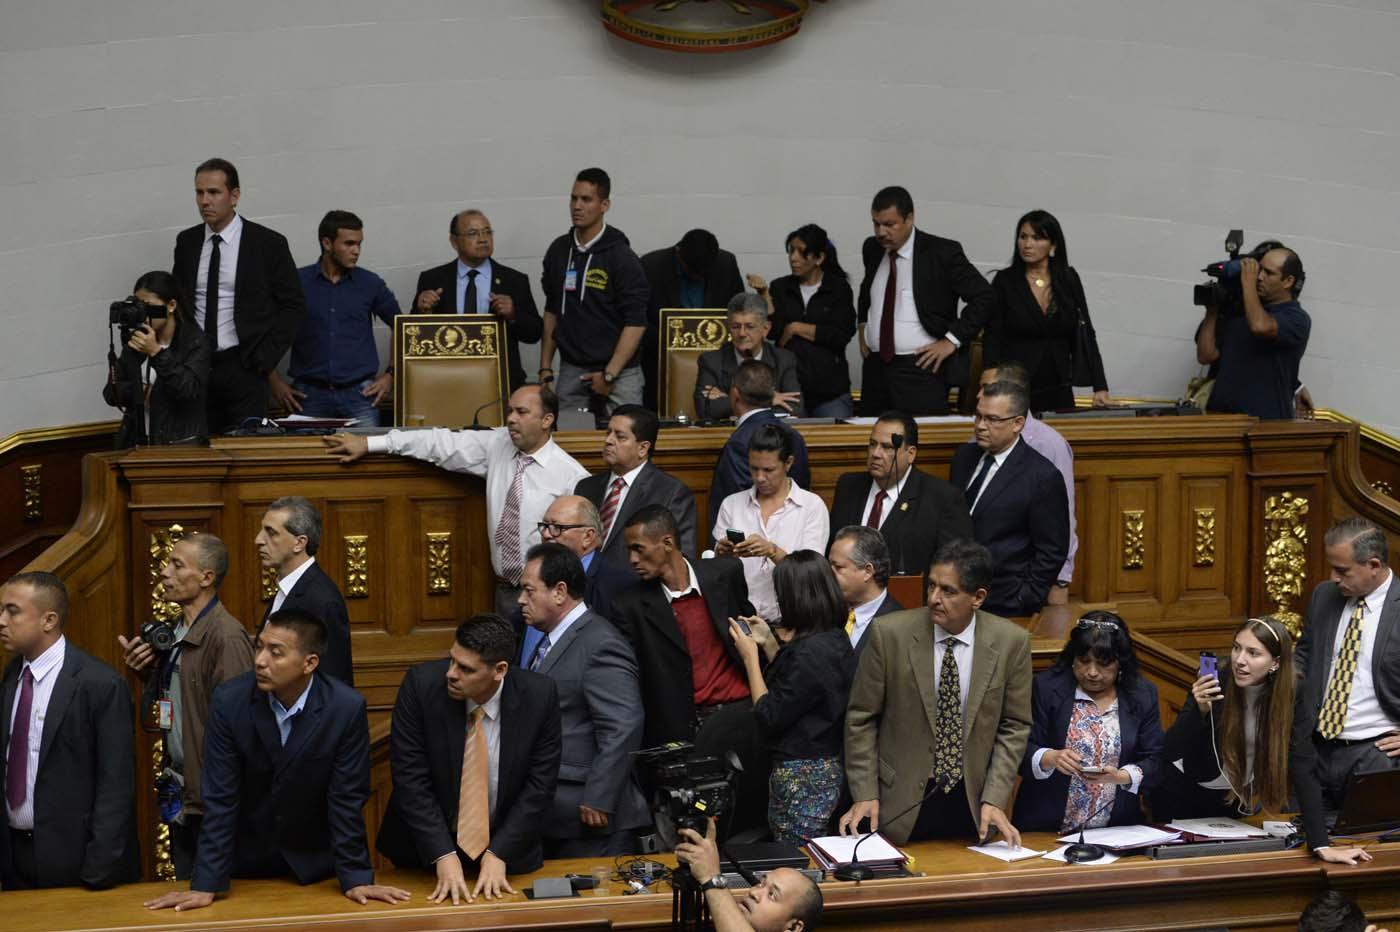 Gobierno de Nicolas Maduro. - Página 18 000_HF3C8